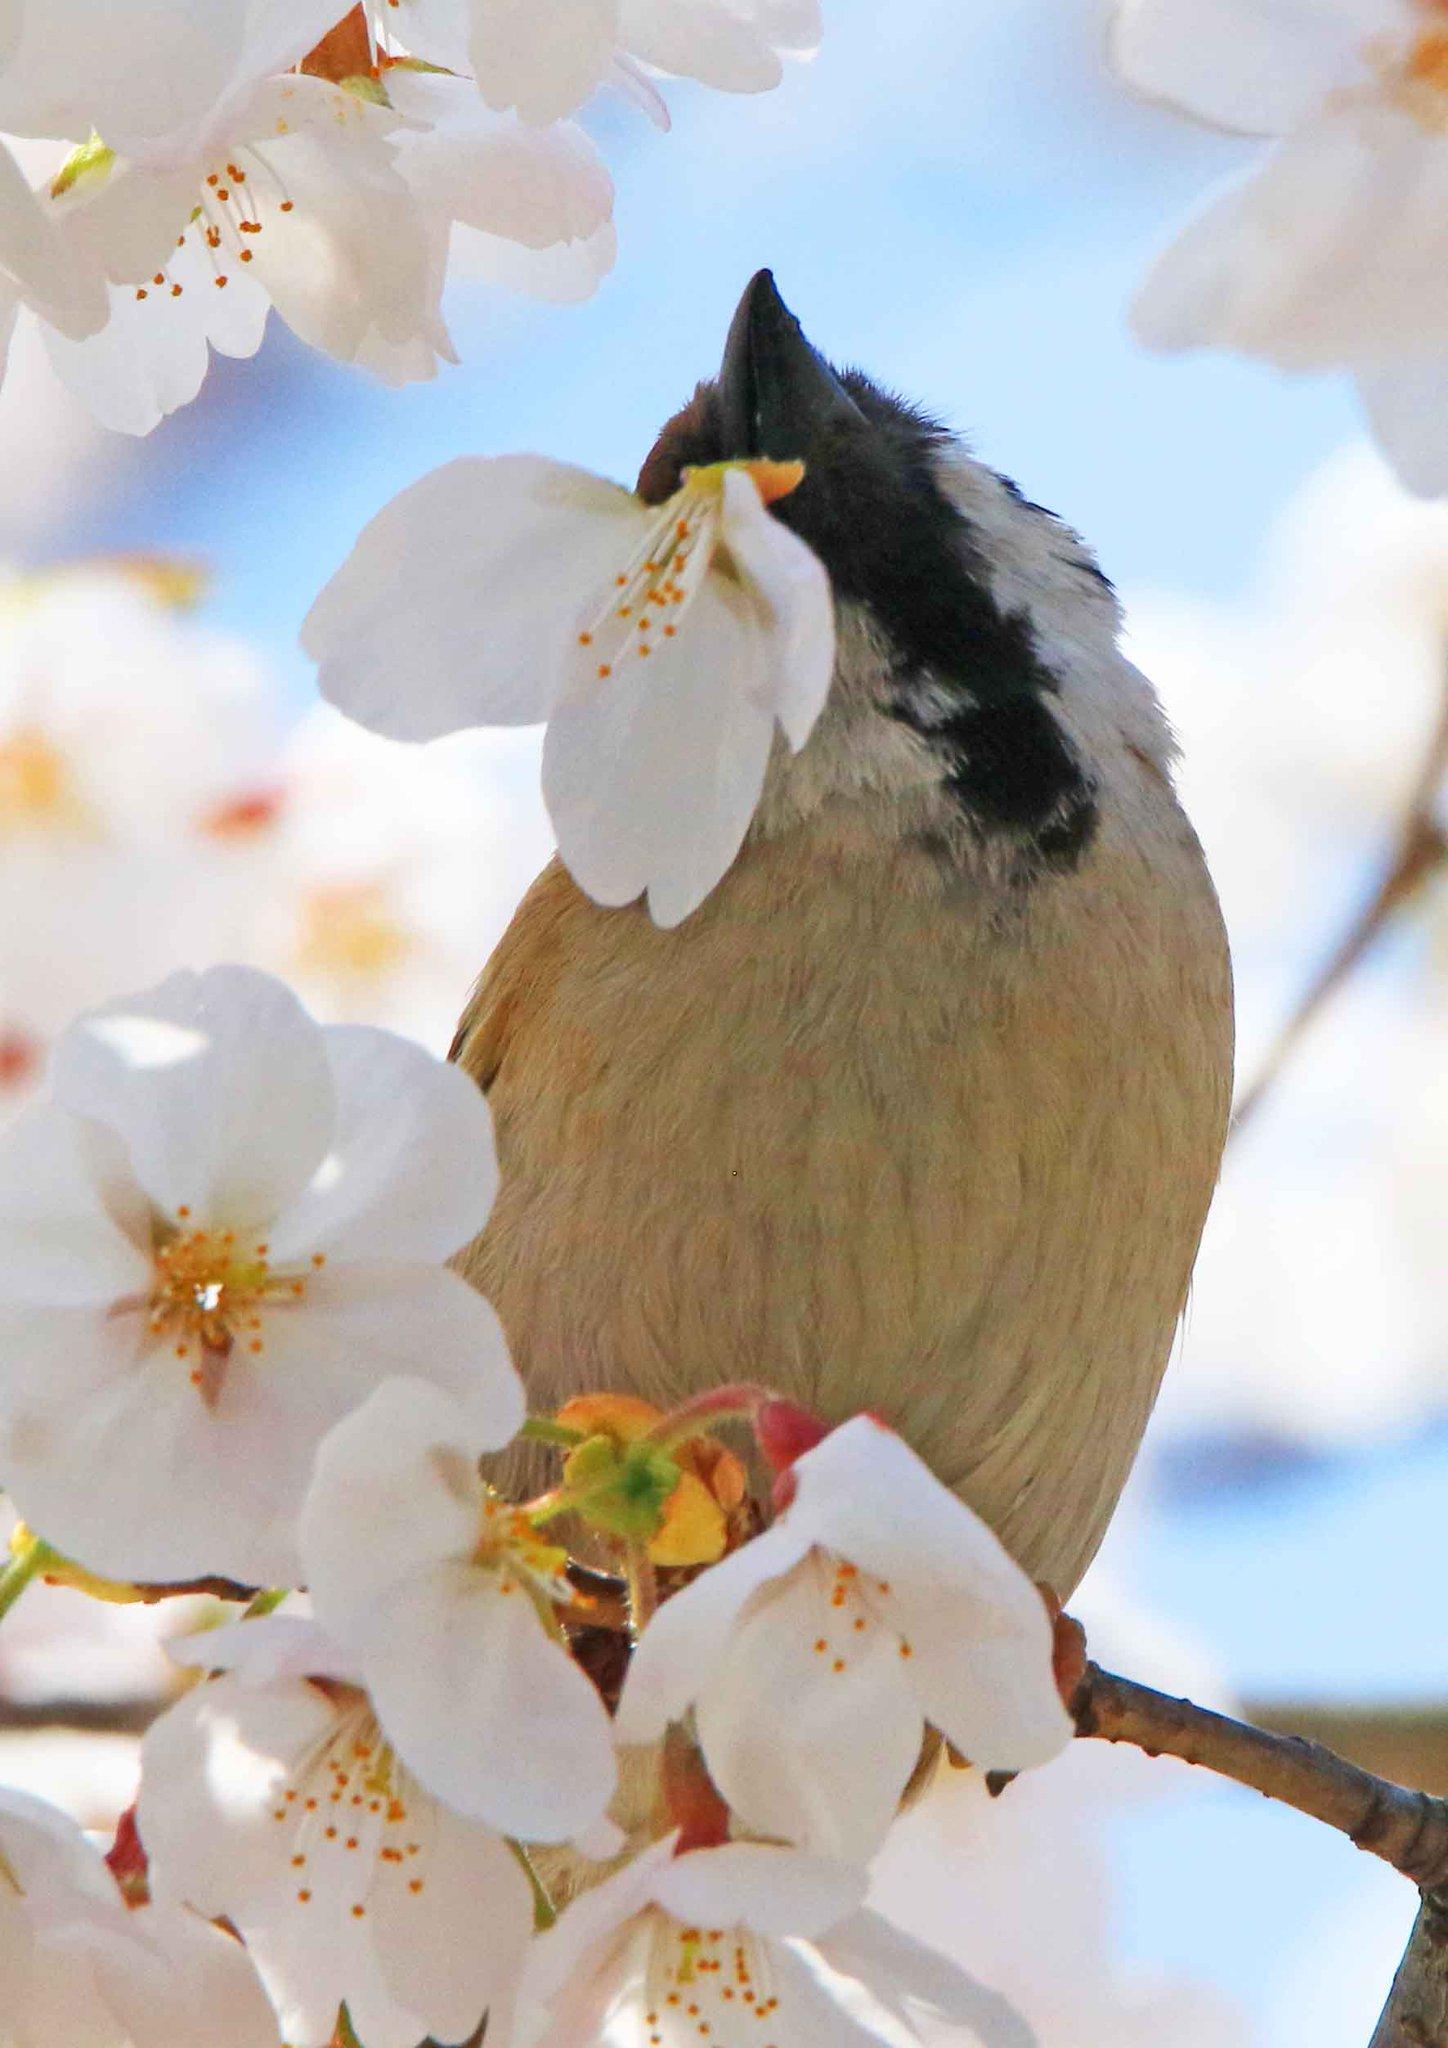 桜の花をもぎ取って、根元から蜜を吸っているすずめ。咲いたばかりの桜の花が、花ごと根元にポトリと落ちて来ることがありますが、実はこういうわけでした(。・ө・。)